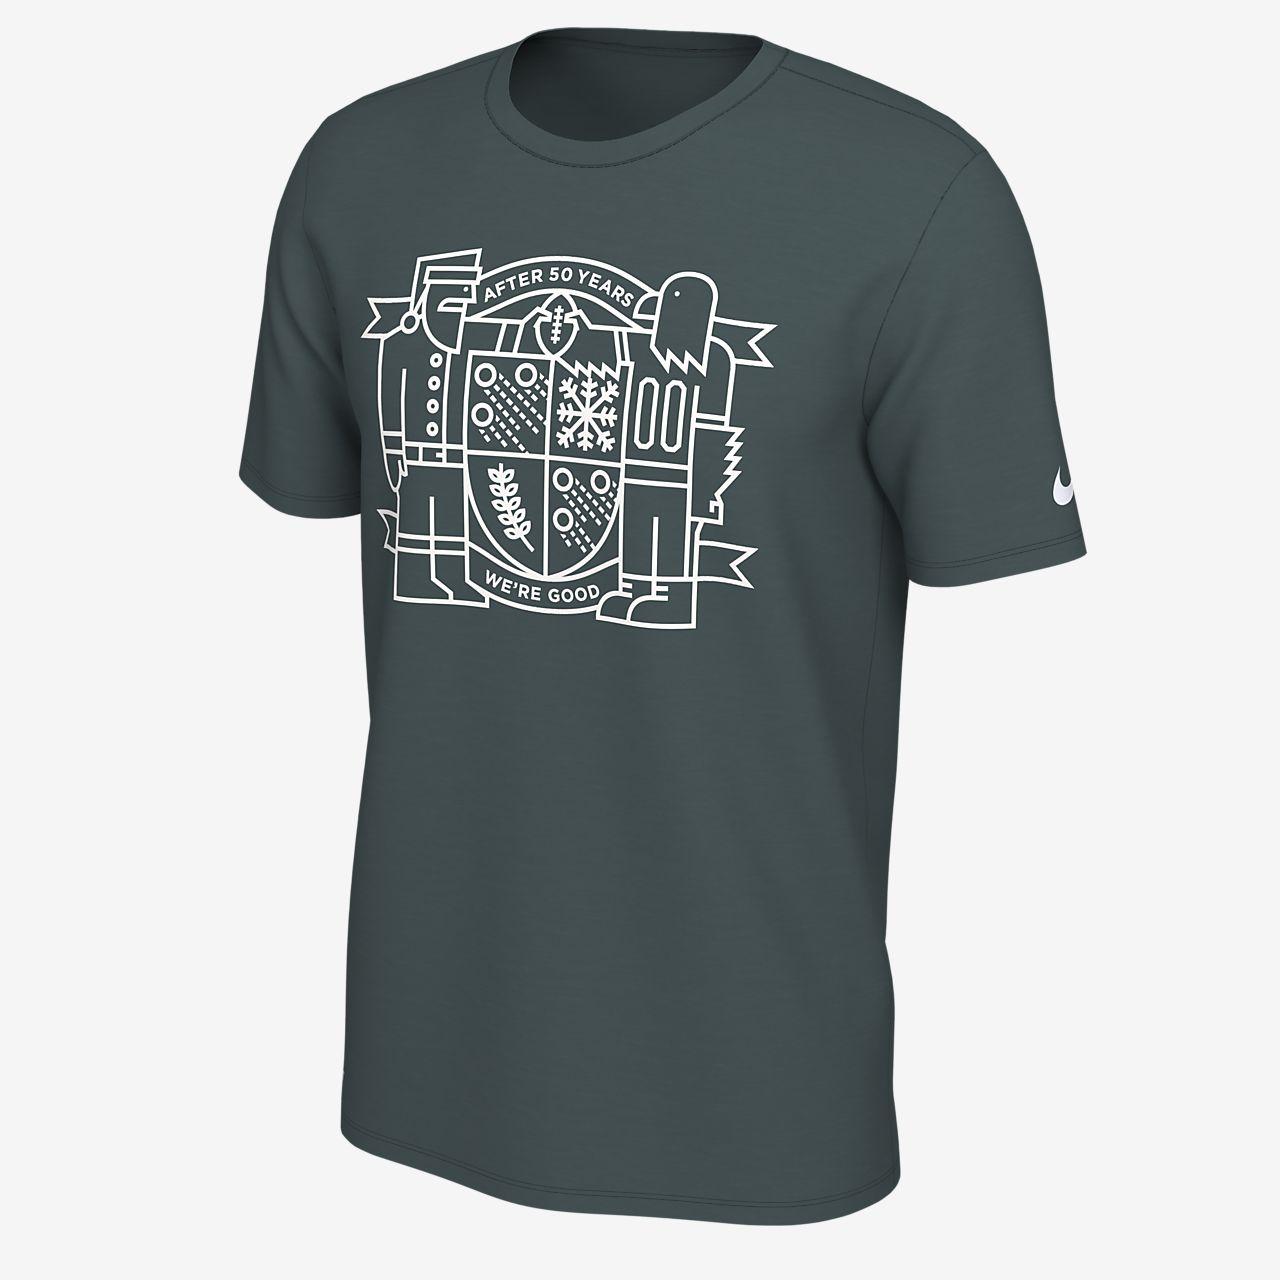 ec2b5294b7e Nike Dri-FIT (NFL Eagles) Men's T-Shirt. Nike.com